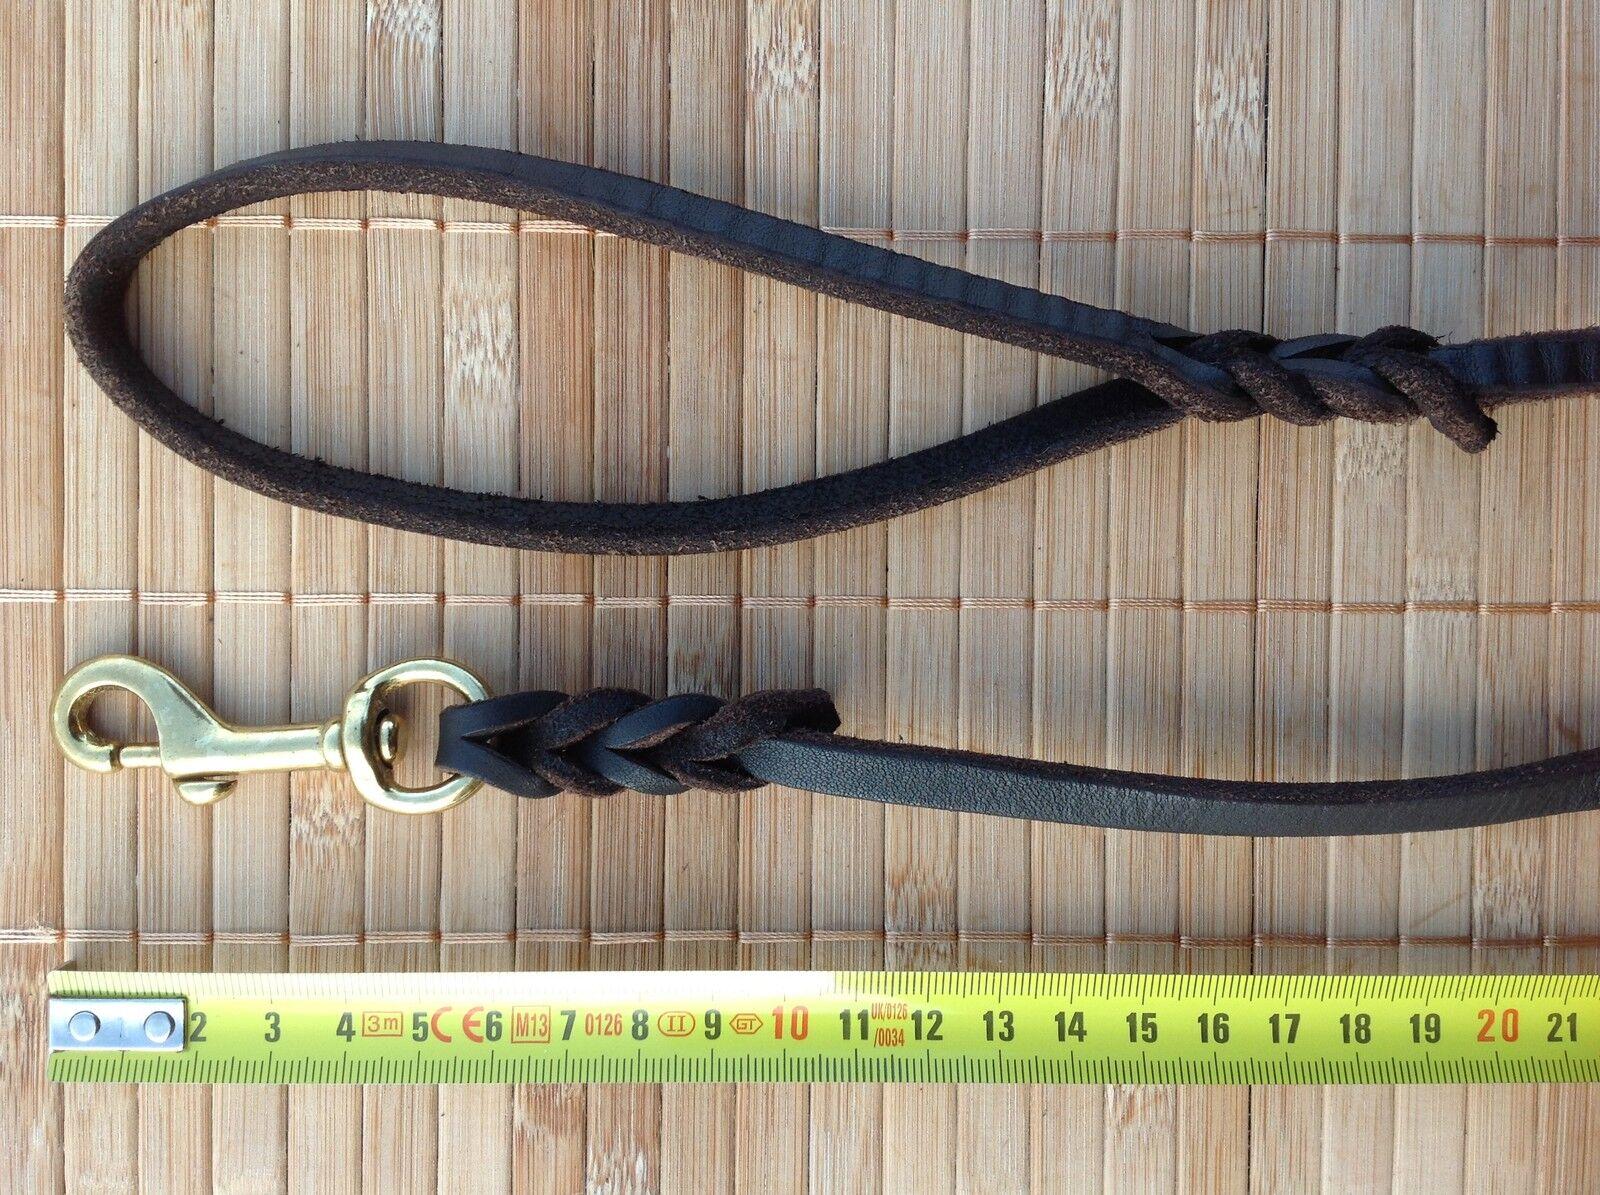 Lederleine 8 mm breite 1,2 bis 3 m länge  Hundeleine Führleine Fettleder  | Trendy